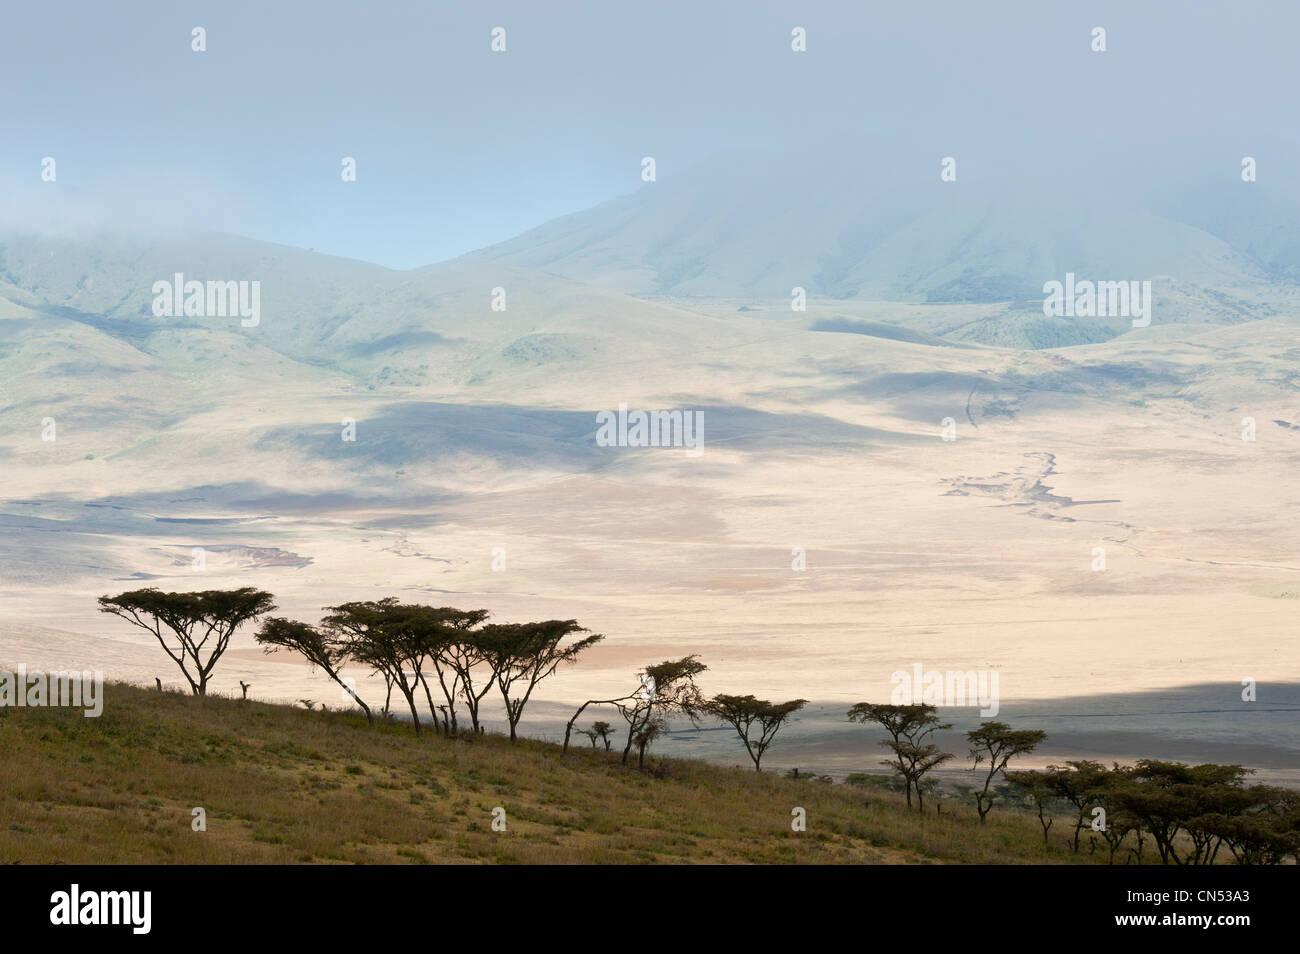 Tanzania, Arusha Region, Ngorongoro Conservation Area, listed as World Heritage by UNESCO, on the edge of the Ngorongoro - Stock Image